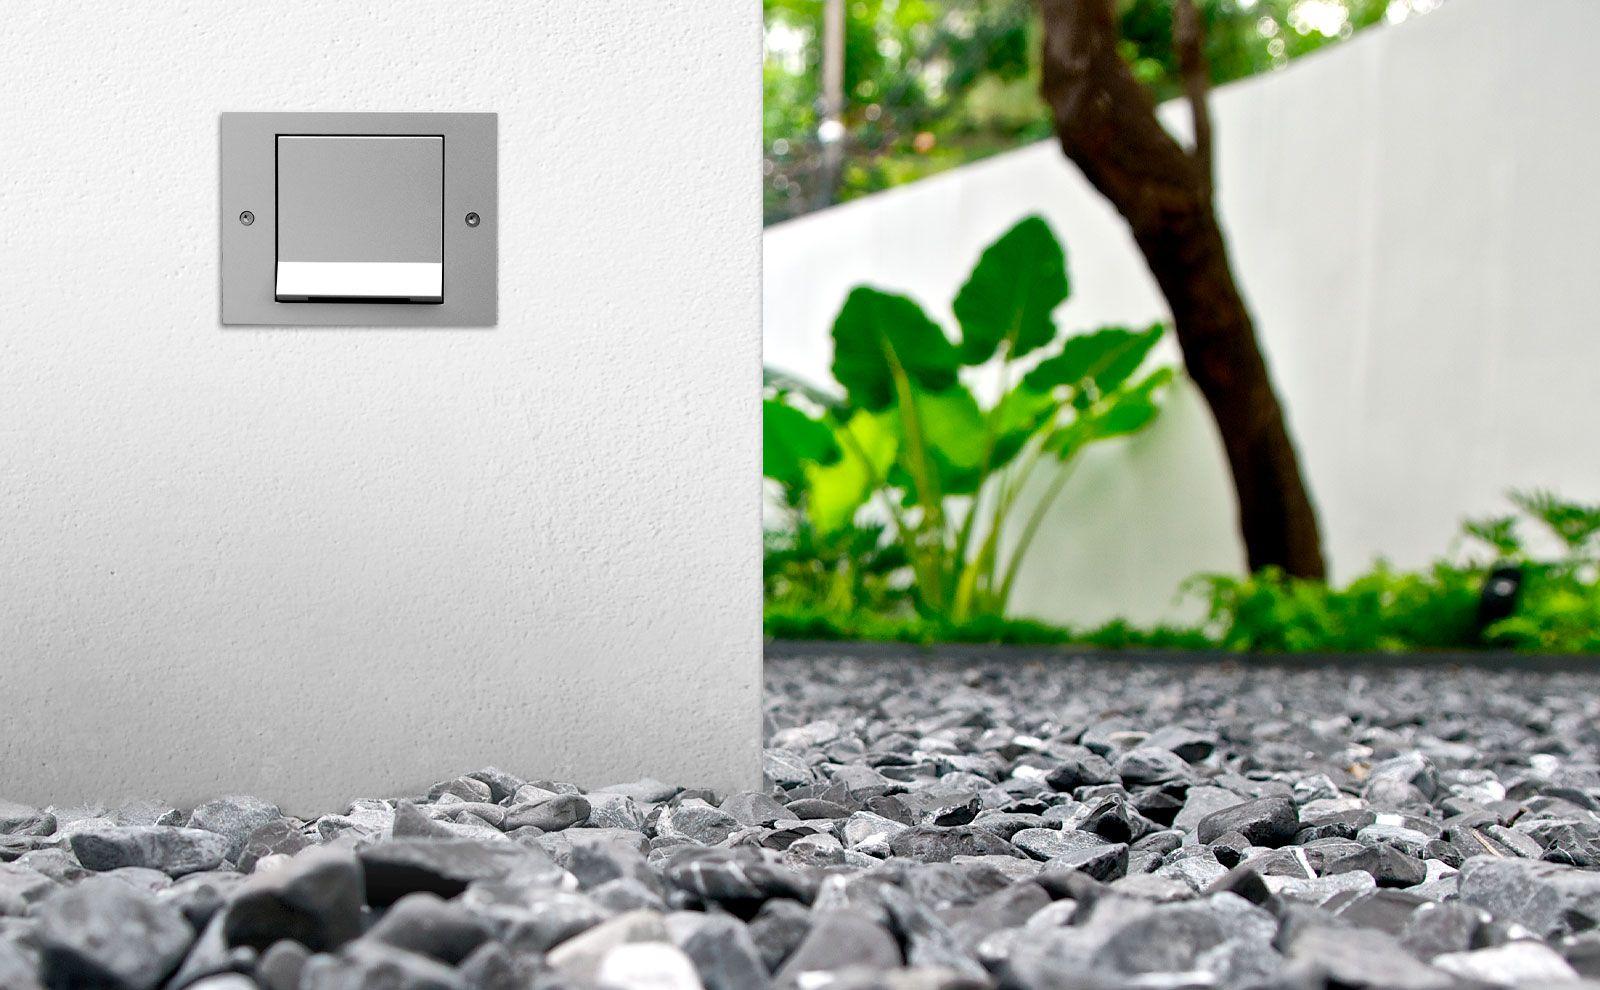 Gira_Schalterprogramm_TX_44_Wassergeschuetzt_Bild_01